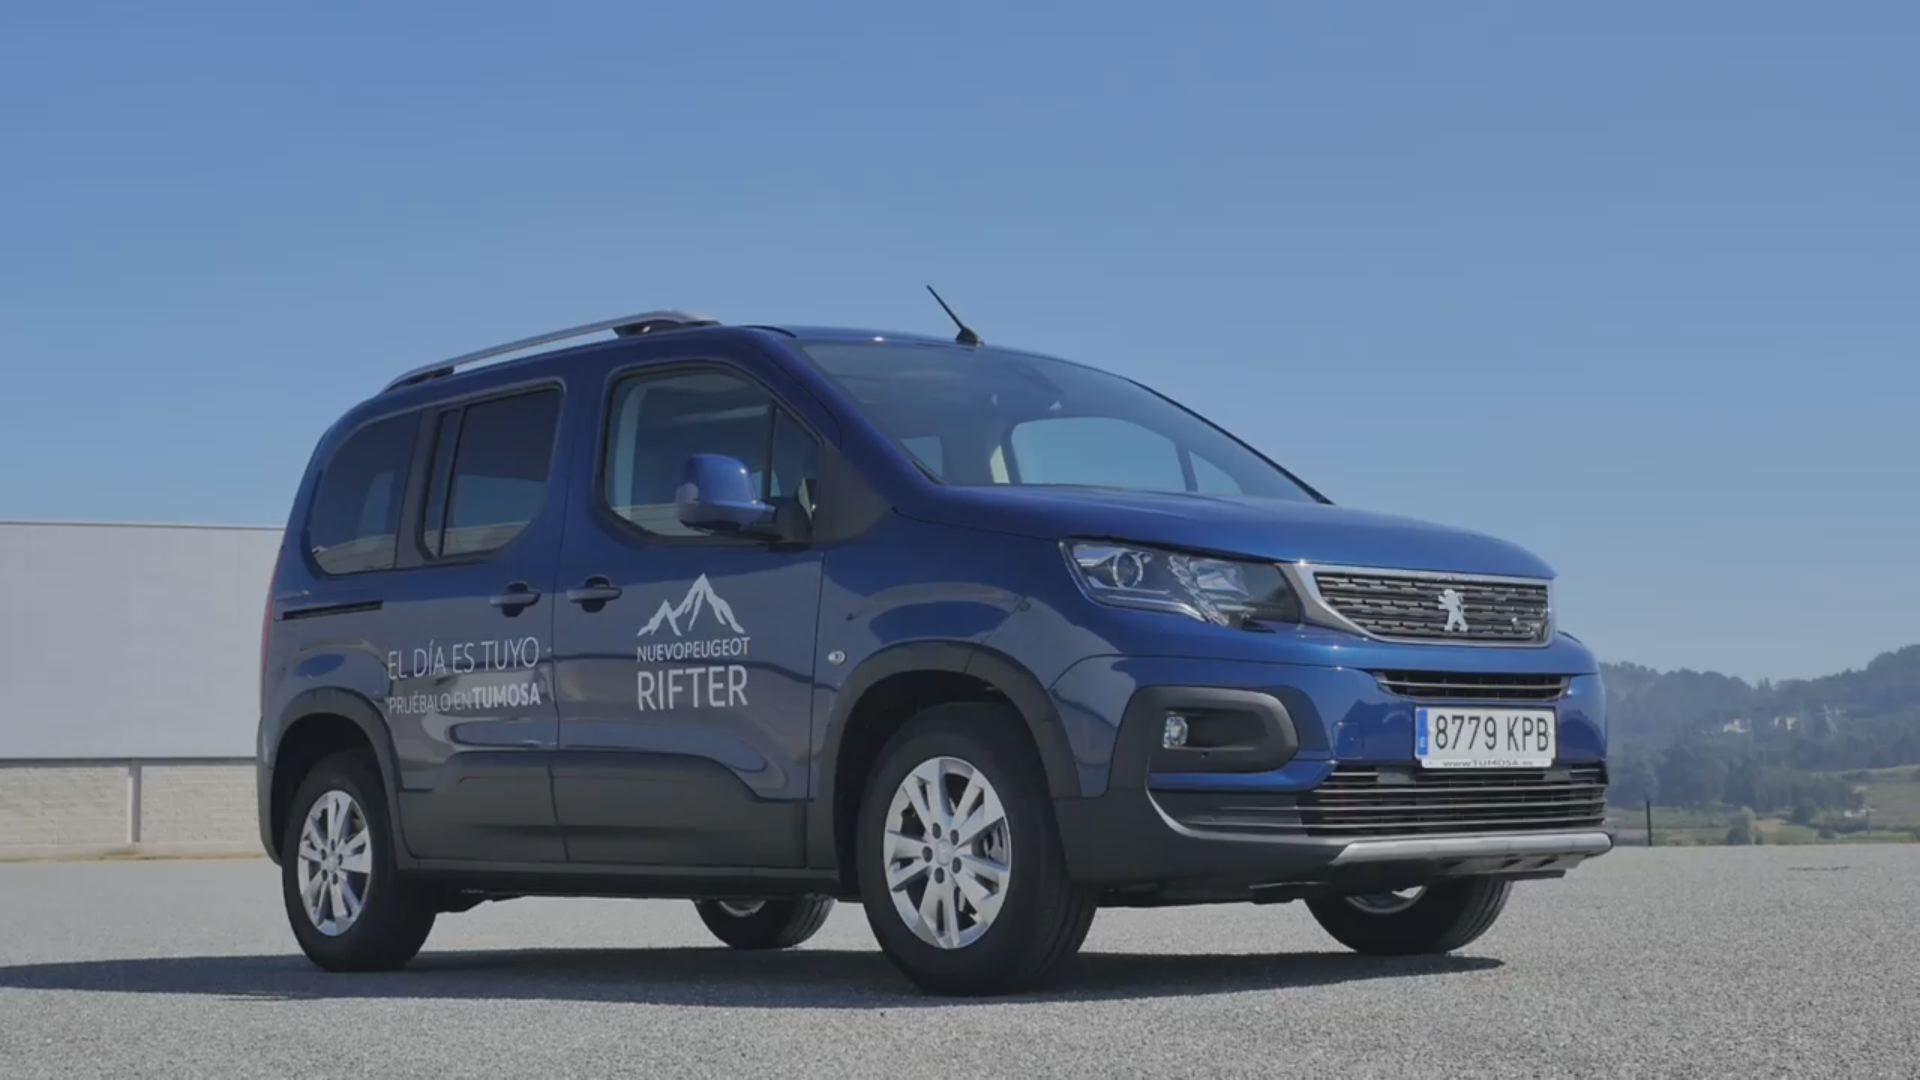 Peugeot presentó un prototipo 100% eléctrico y  autónomo